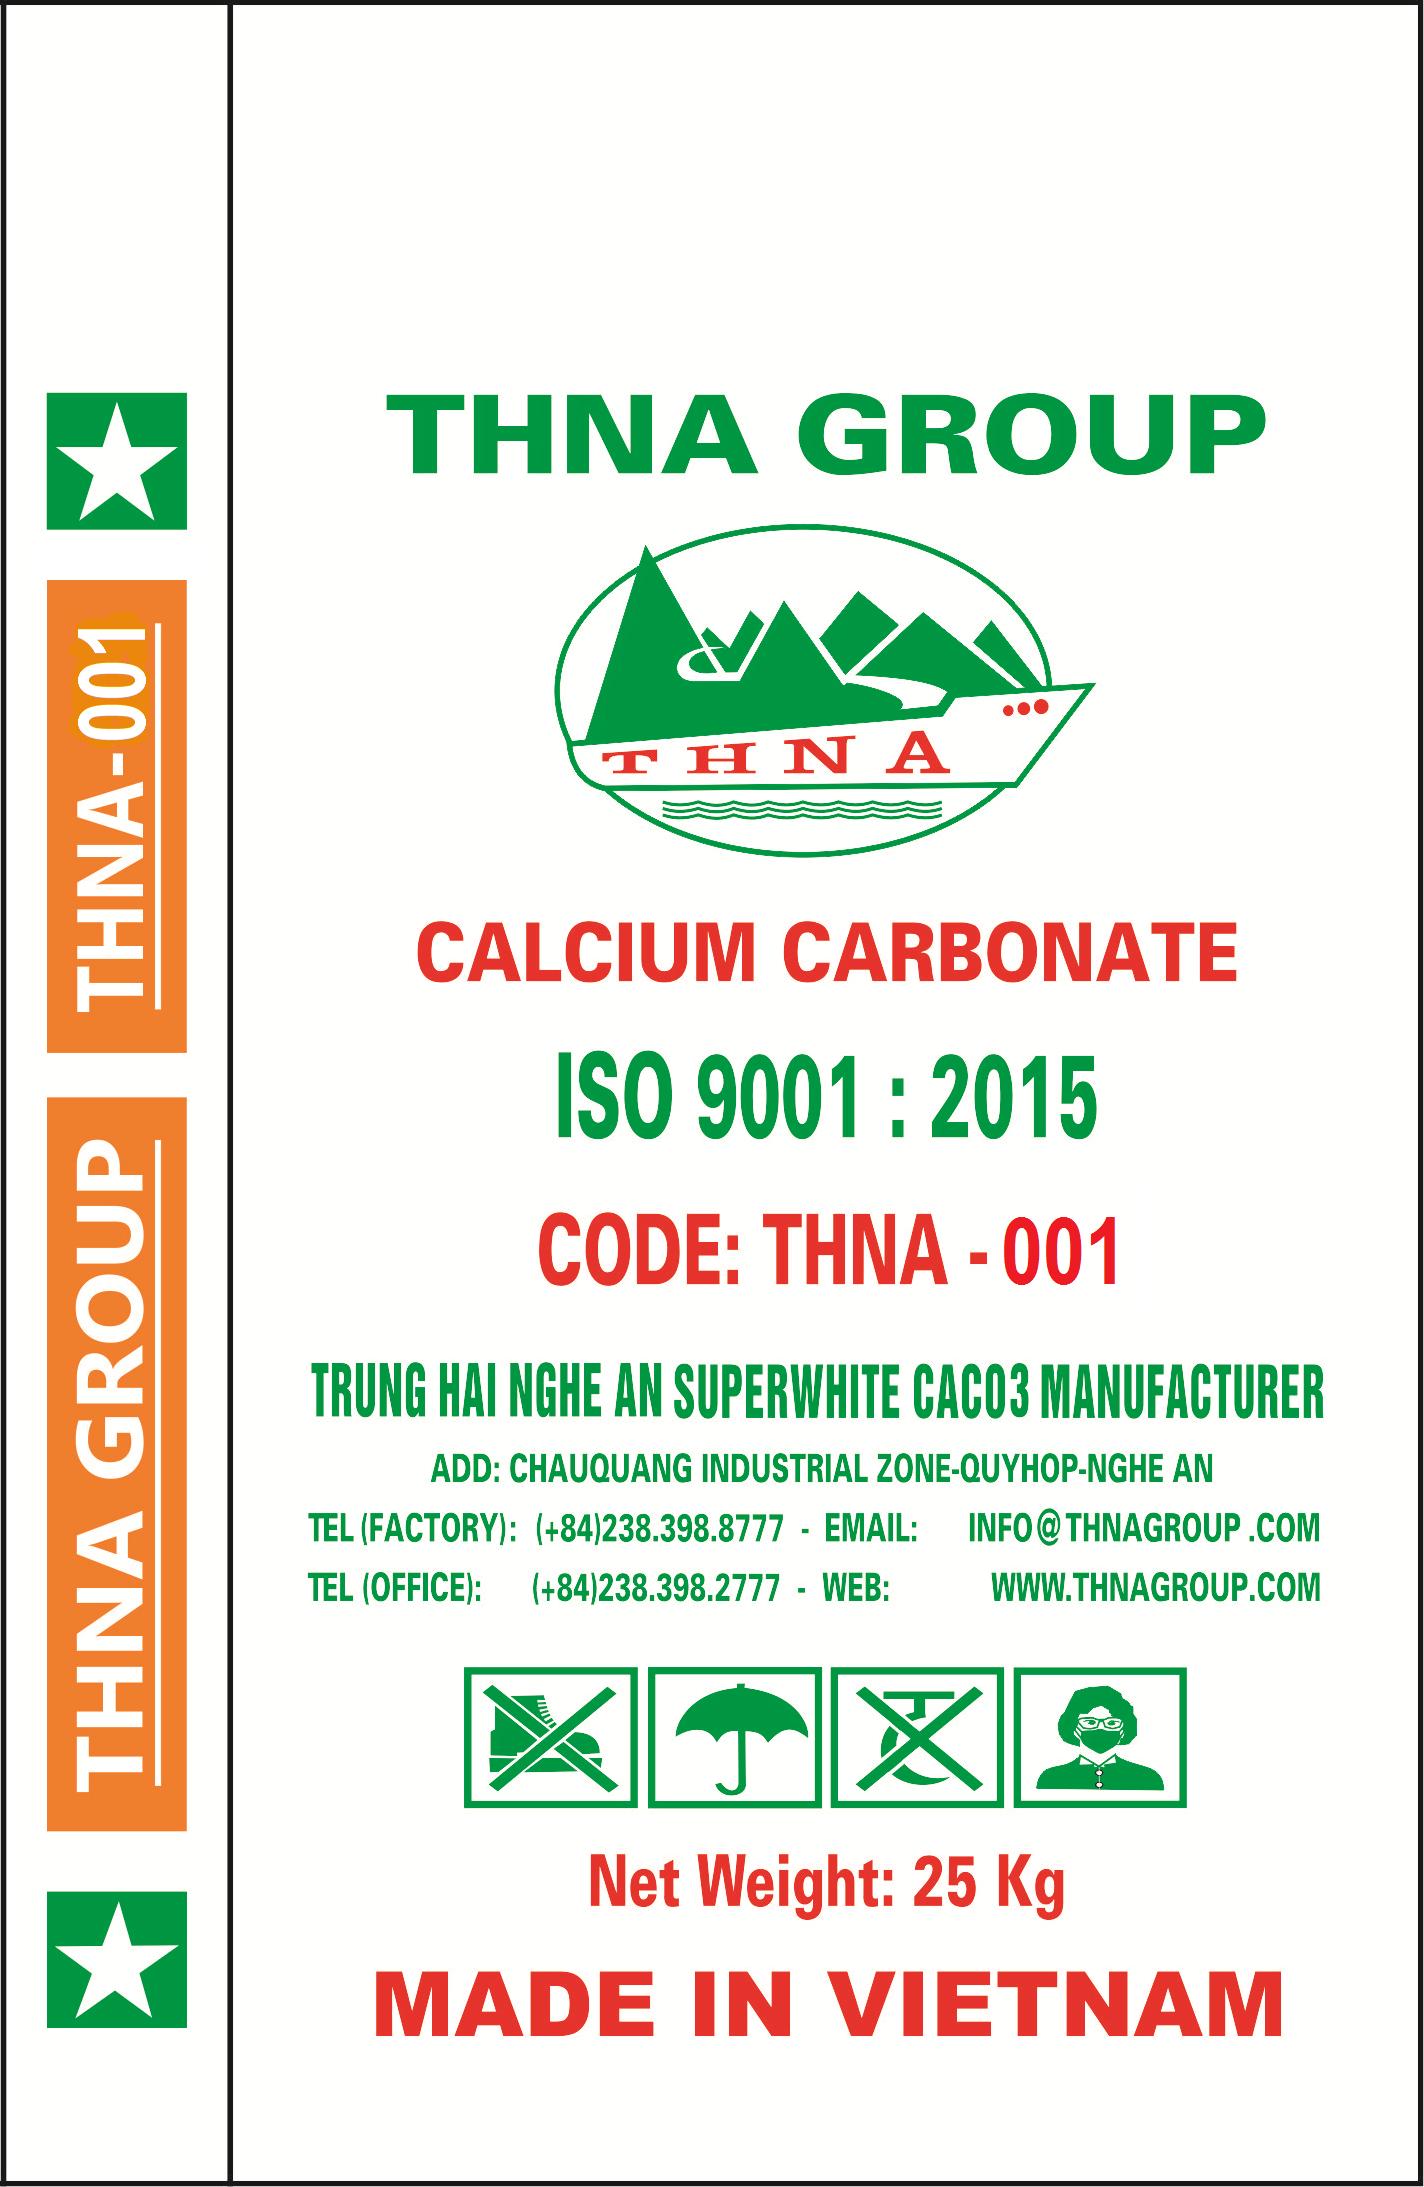 THNA-001